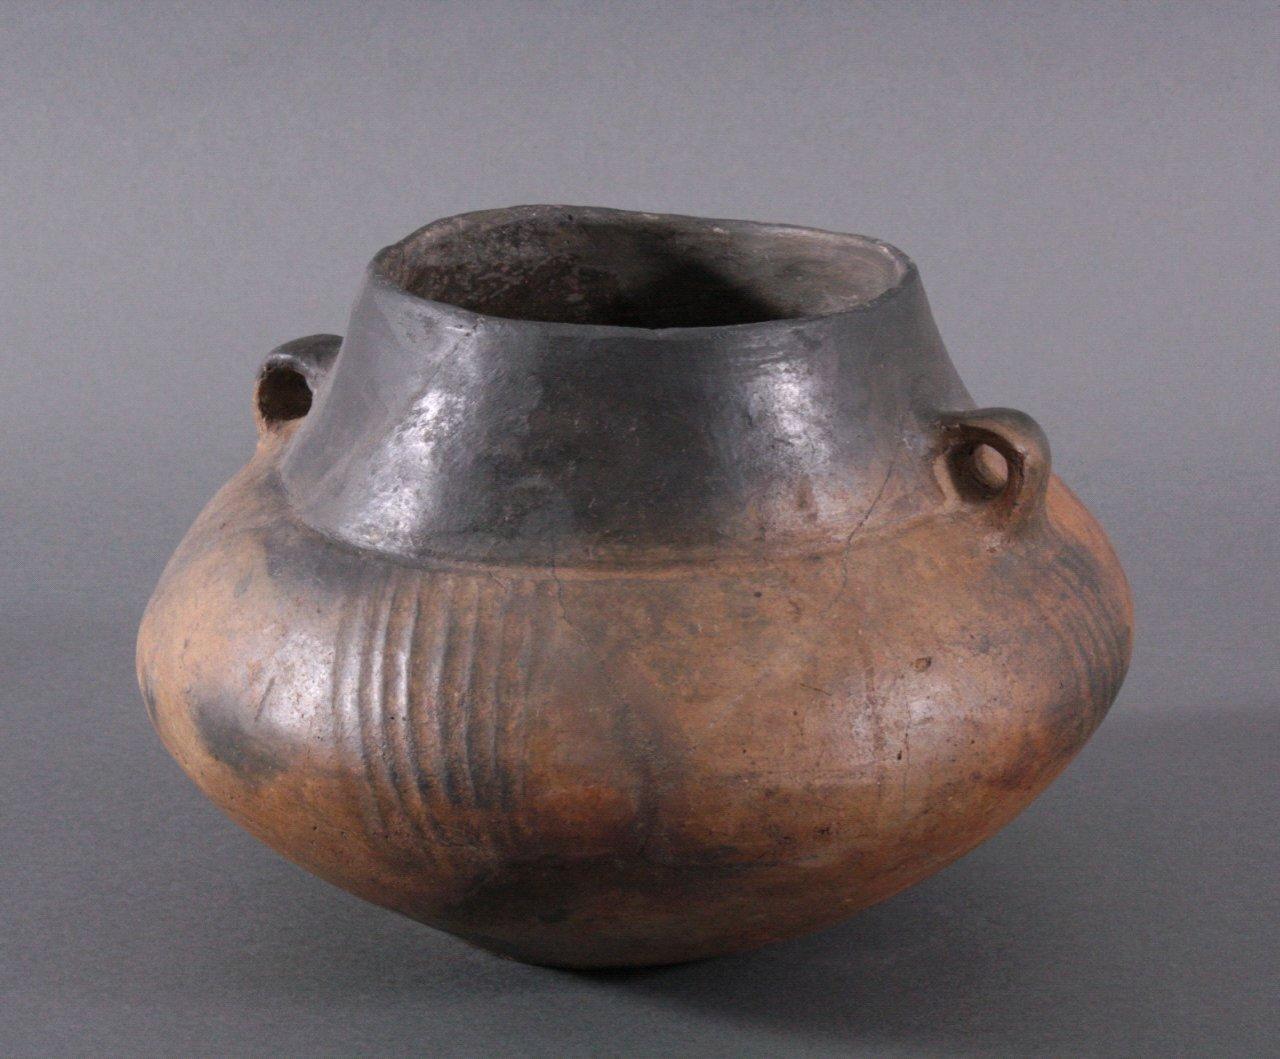 Gefäß der Lausitzer Kultur (900-500 v. Chr.)-1